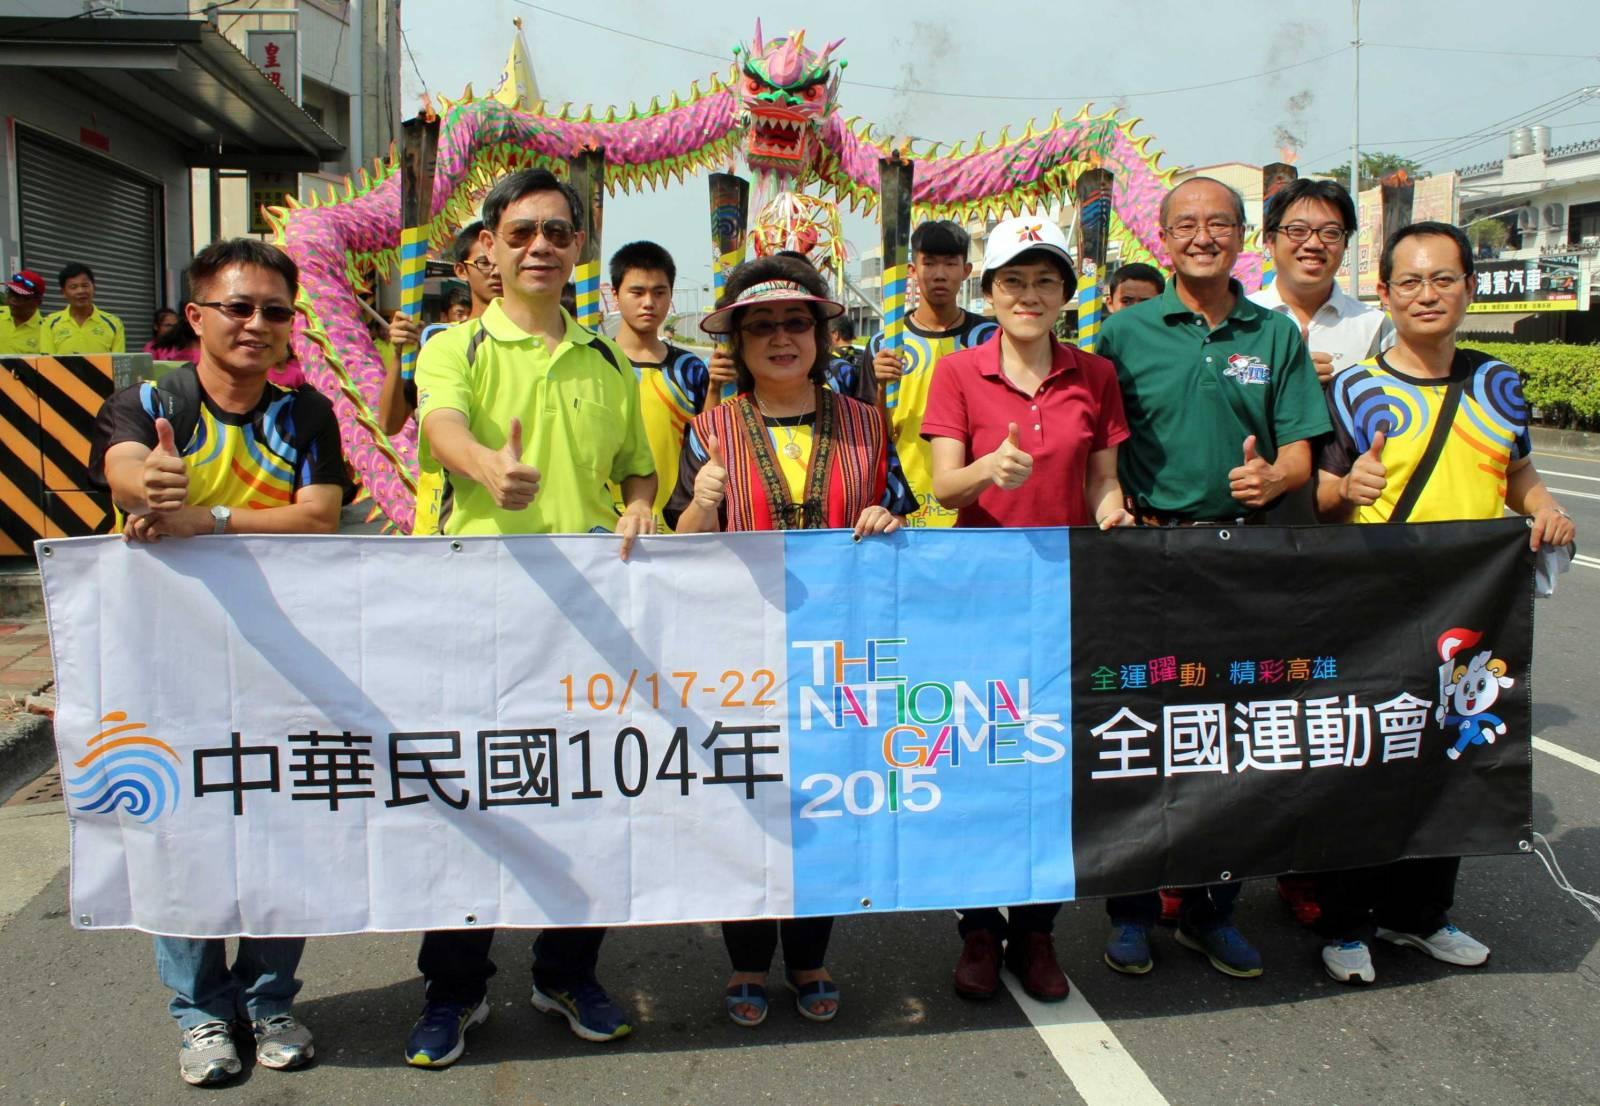 104年全運會聖火台南傳回高雄